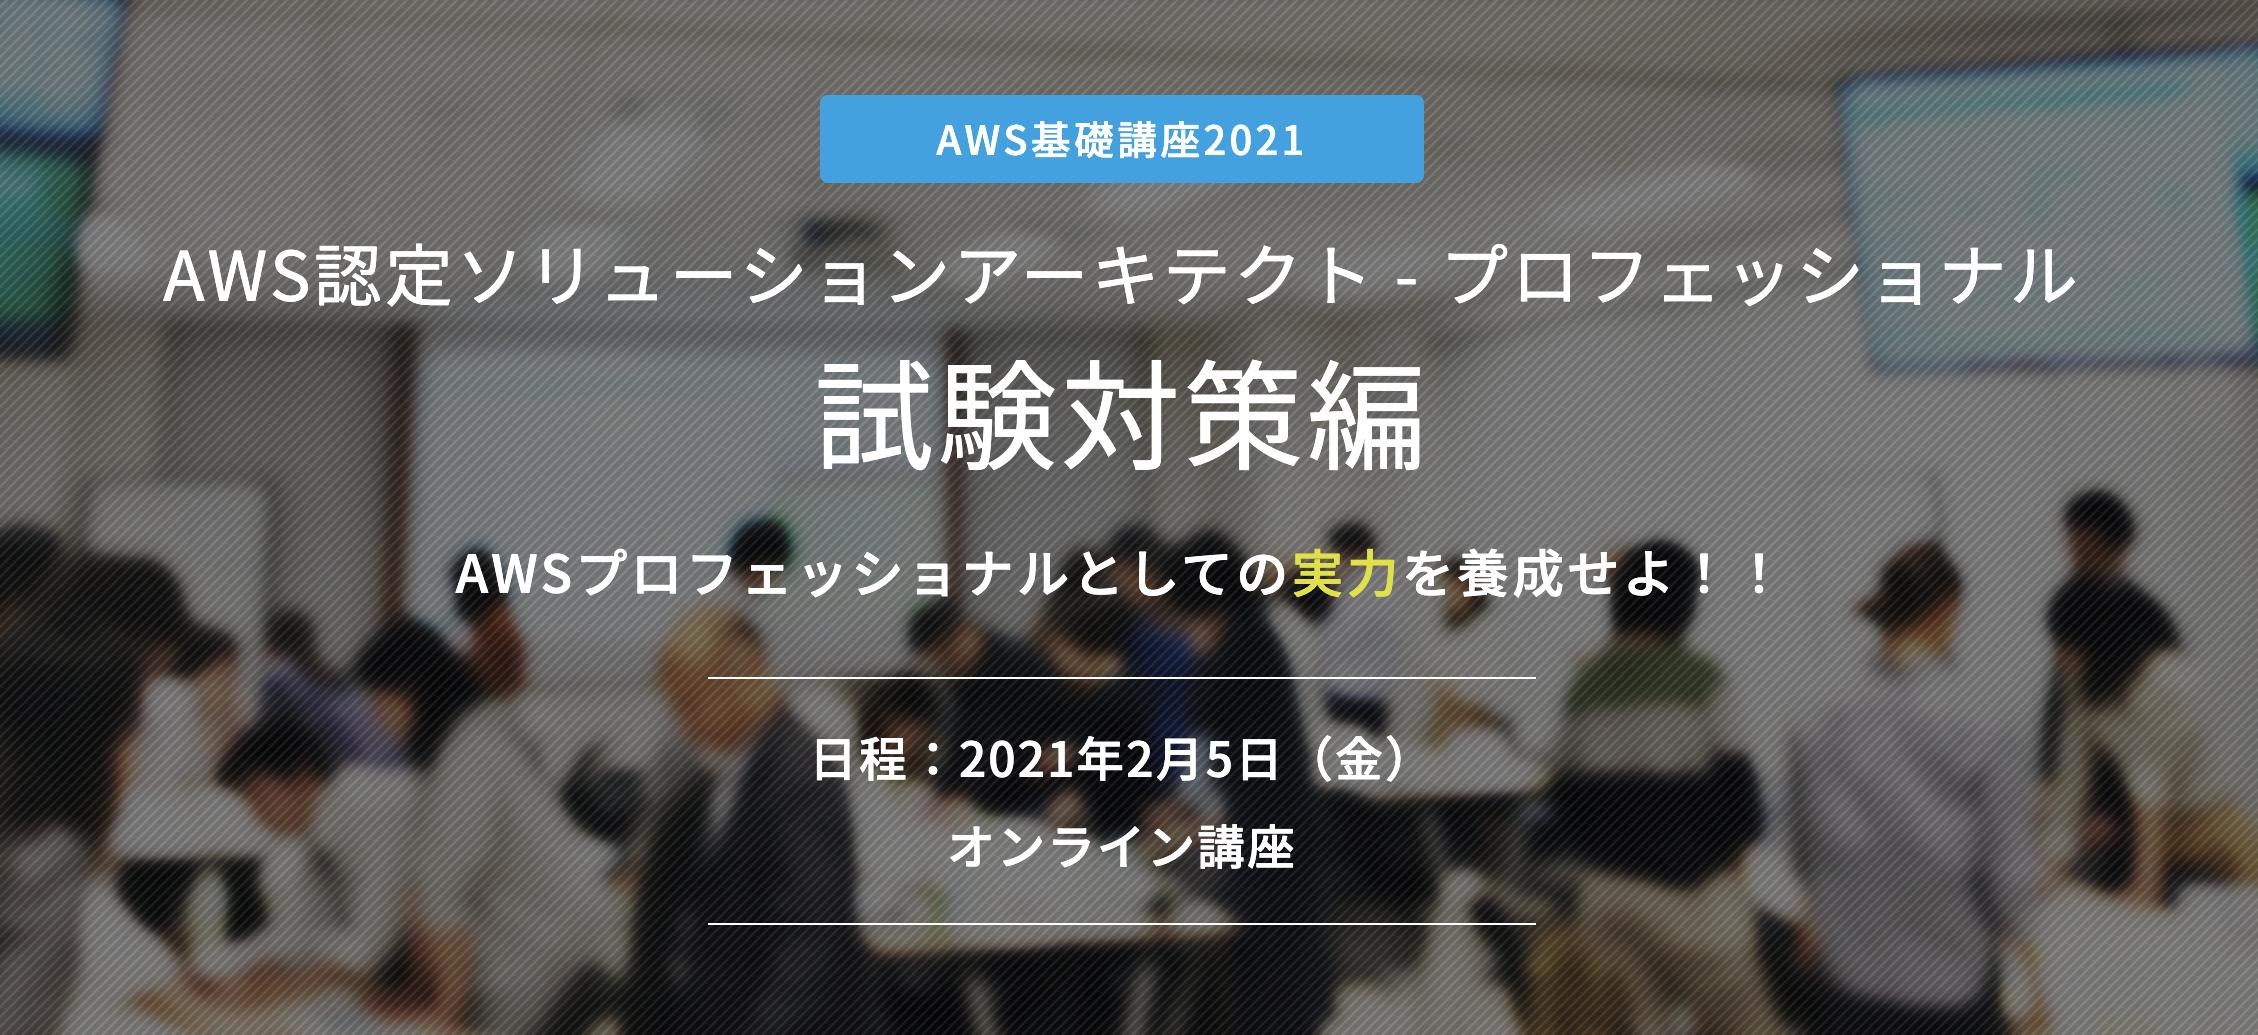 【2月5日】当社の小倉がAWS認定ソリューションアーキテクト-プロフェッショナル試験対策編の講師を務めます